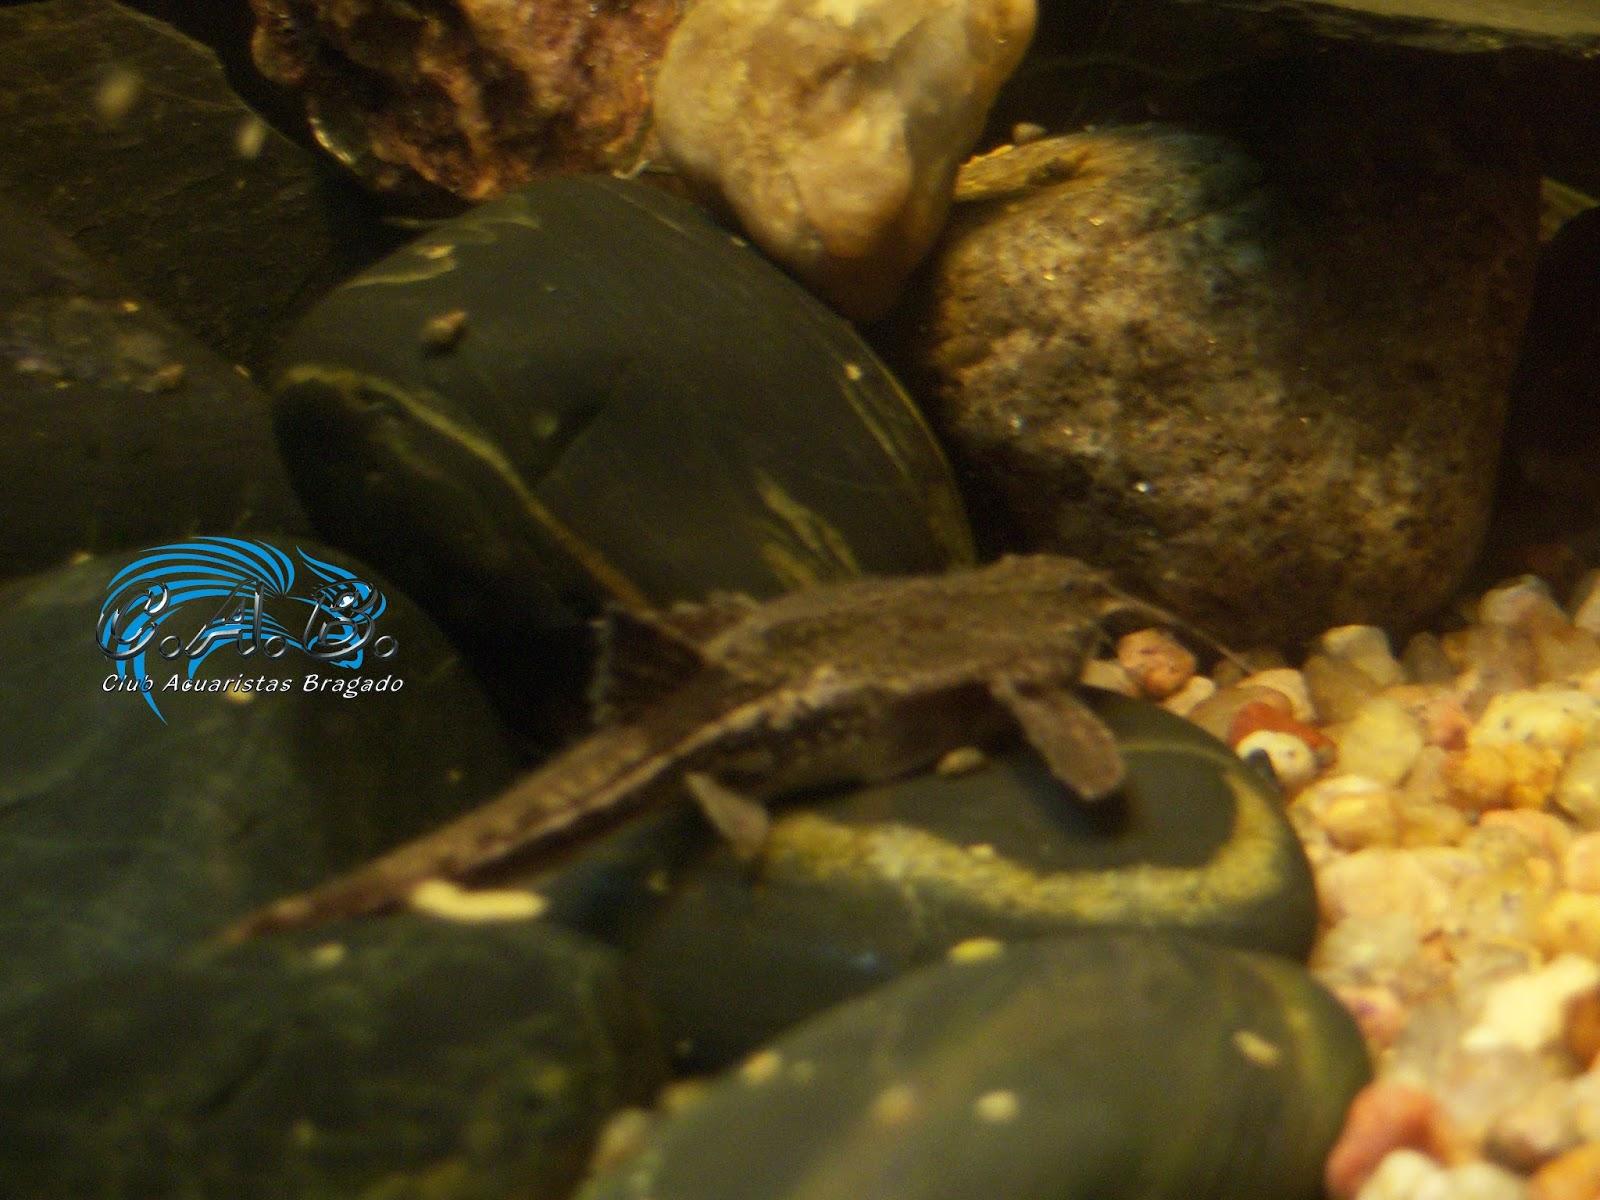 Club acuaristas bragado banjo redescubriendo un pez gato for Comida viva para peces